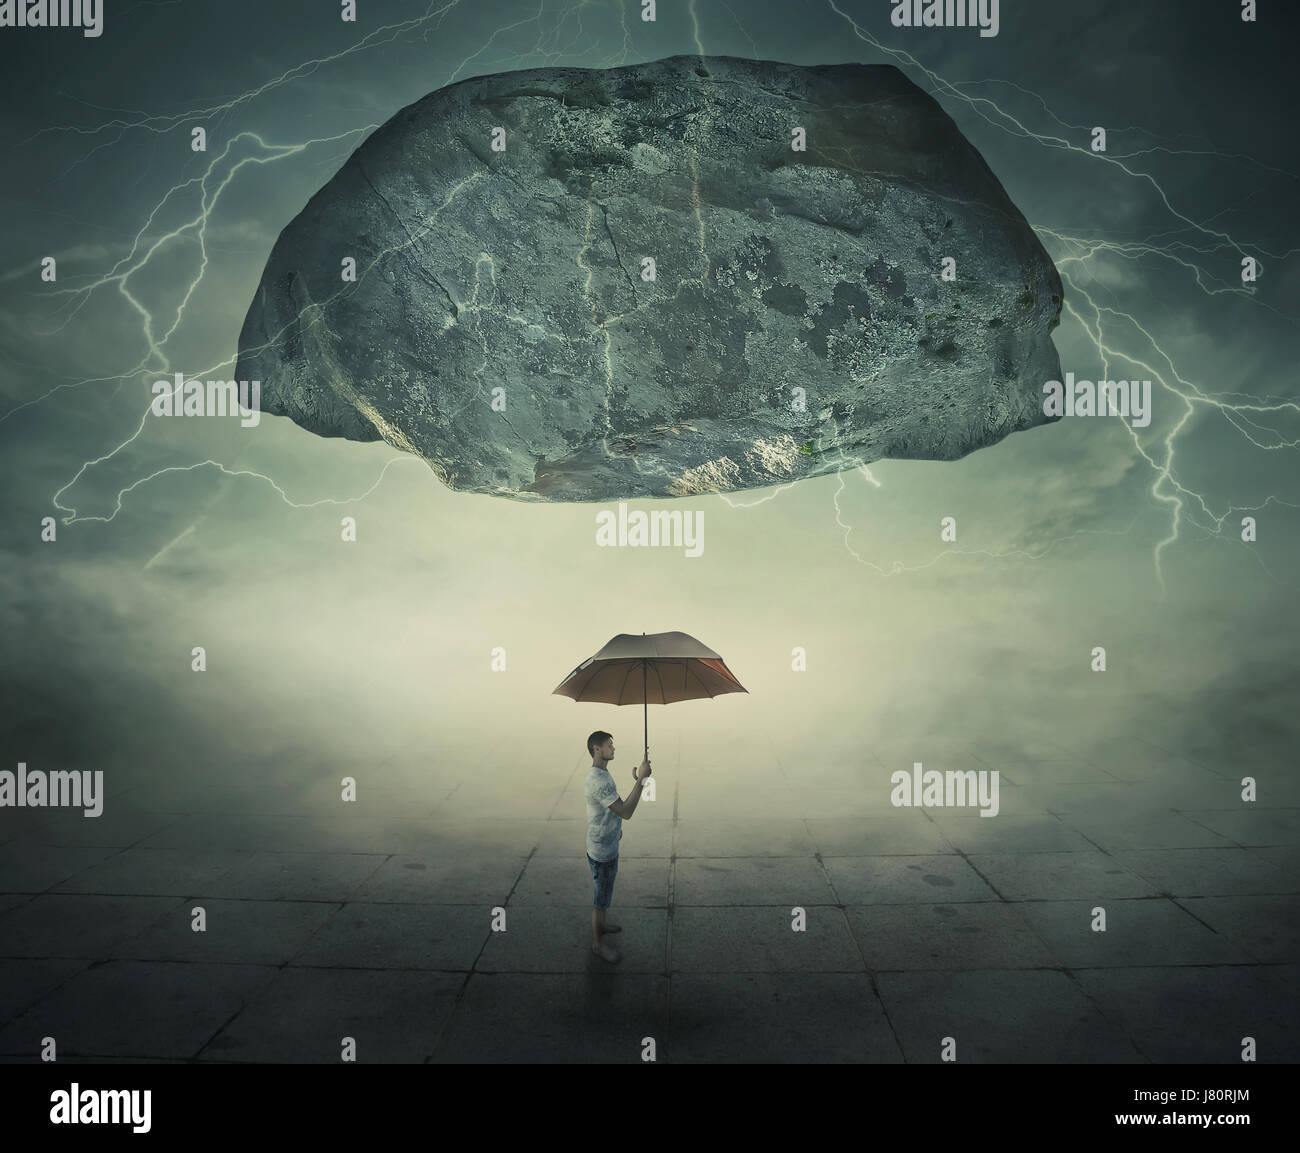 Imagen surrealista como un hombre de pie en una calle neblinosa bajo una enorme roca levitante, sosteniendo un paraguas Imagen De Stock